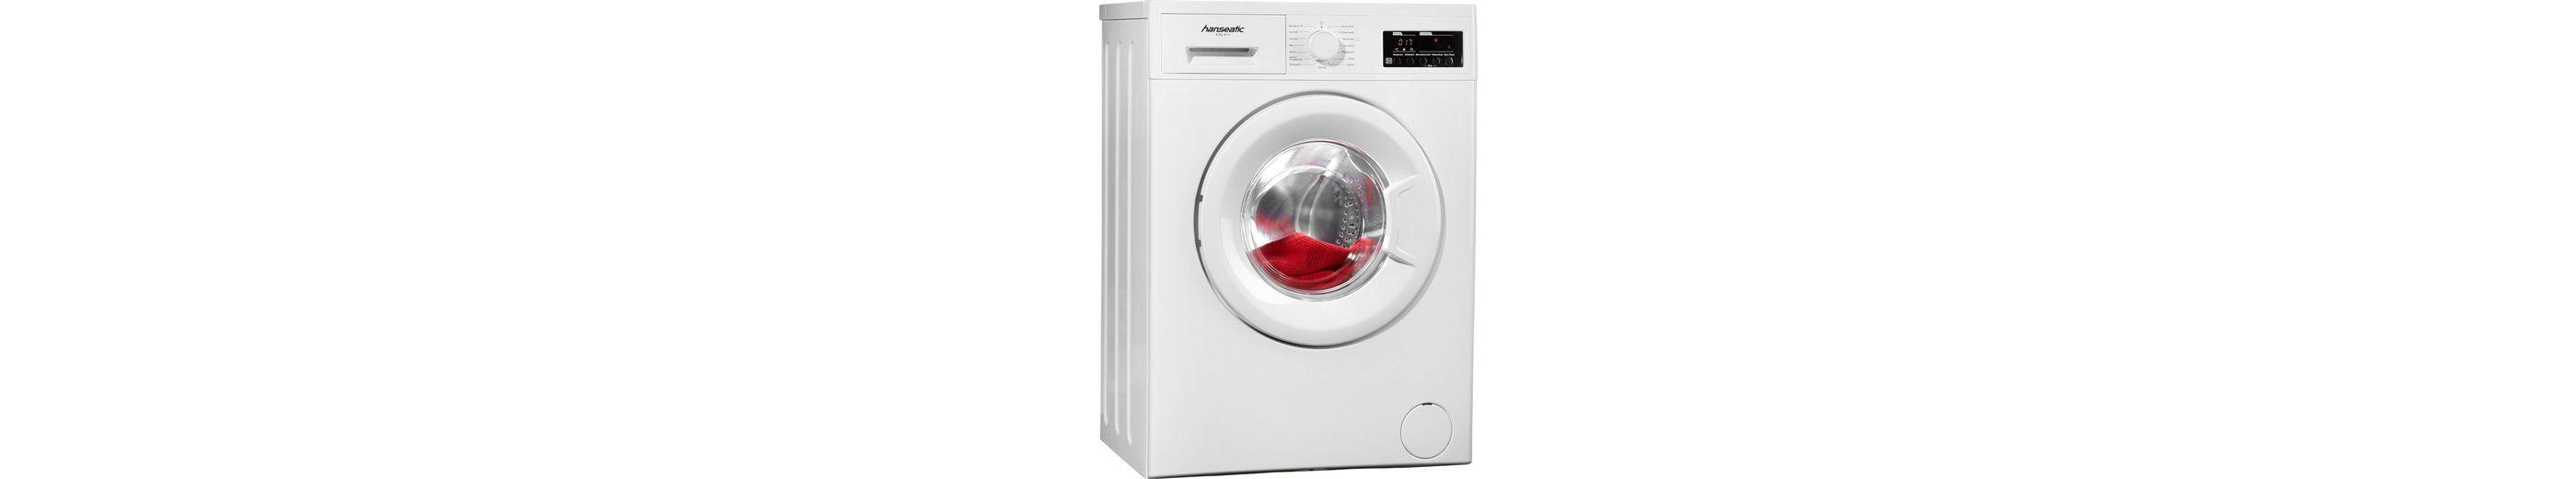 Hanseatic Waschmaschine HWM614A2, A++, 6 kg, 1400 U/Min